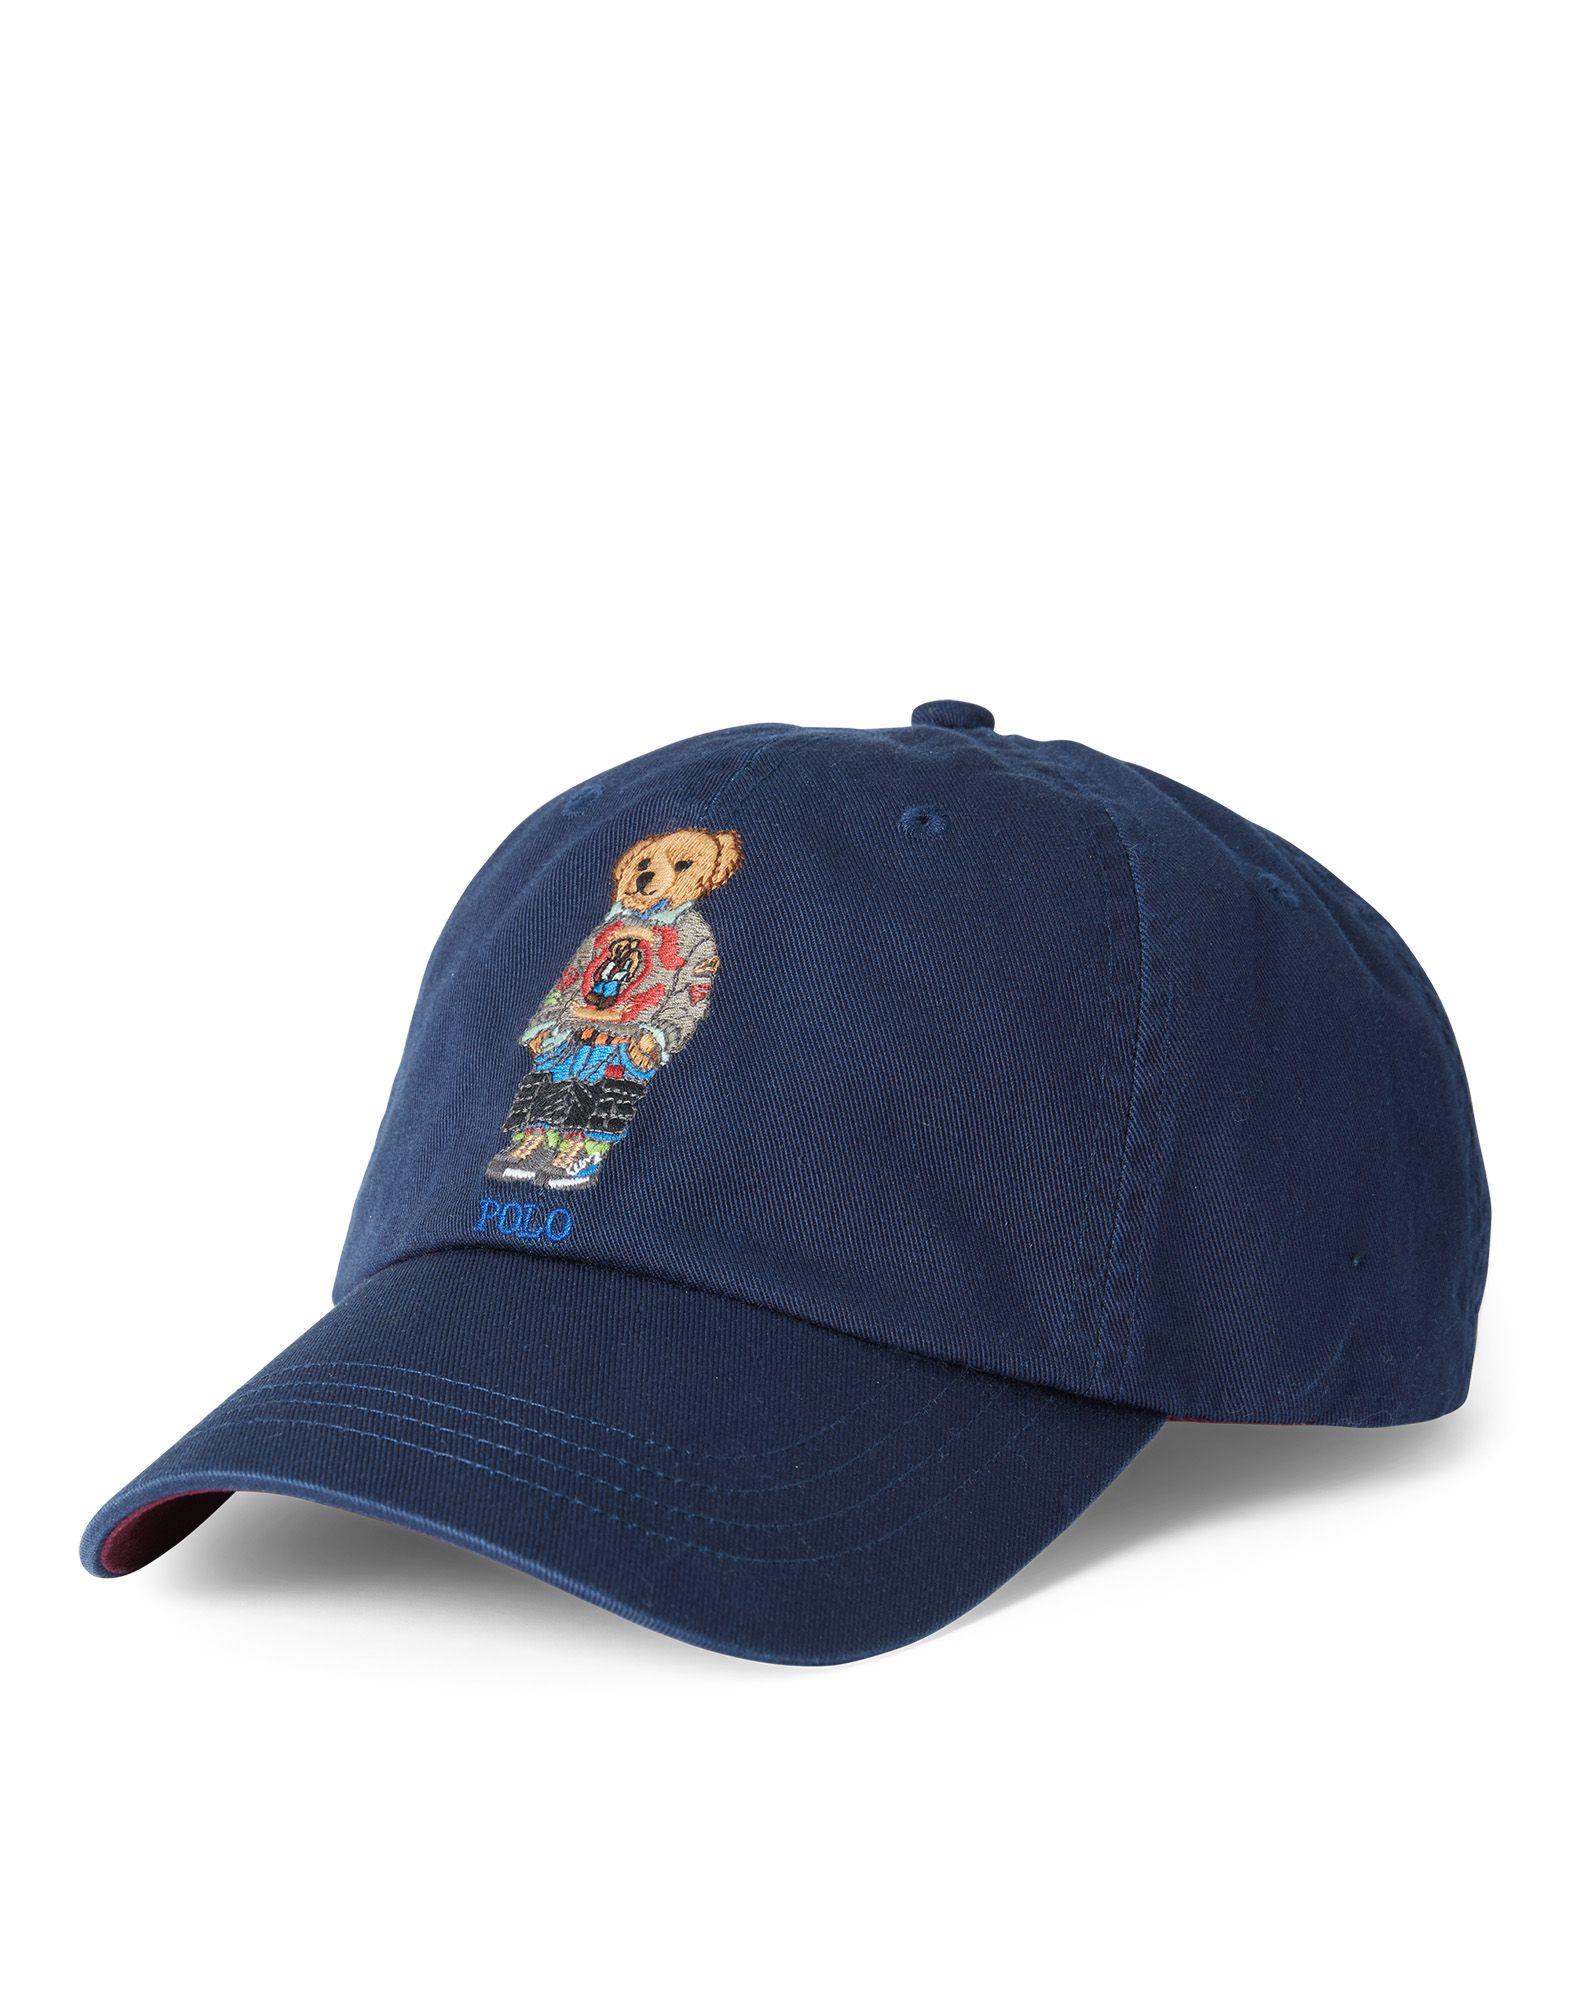 《送料無料》POLO RALPH LAUREN メンズ 帽子 ダークブルー one size コットン 100% COTTON CHINO BASEBALL CAP